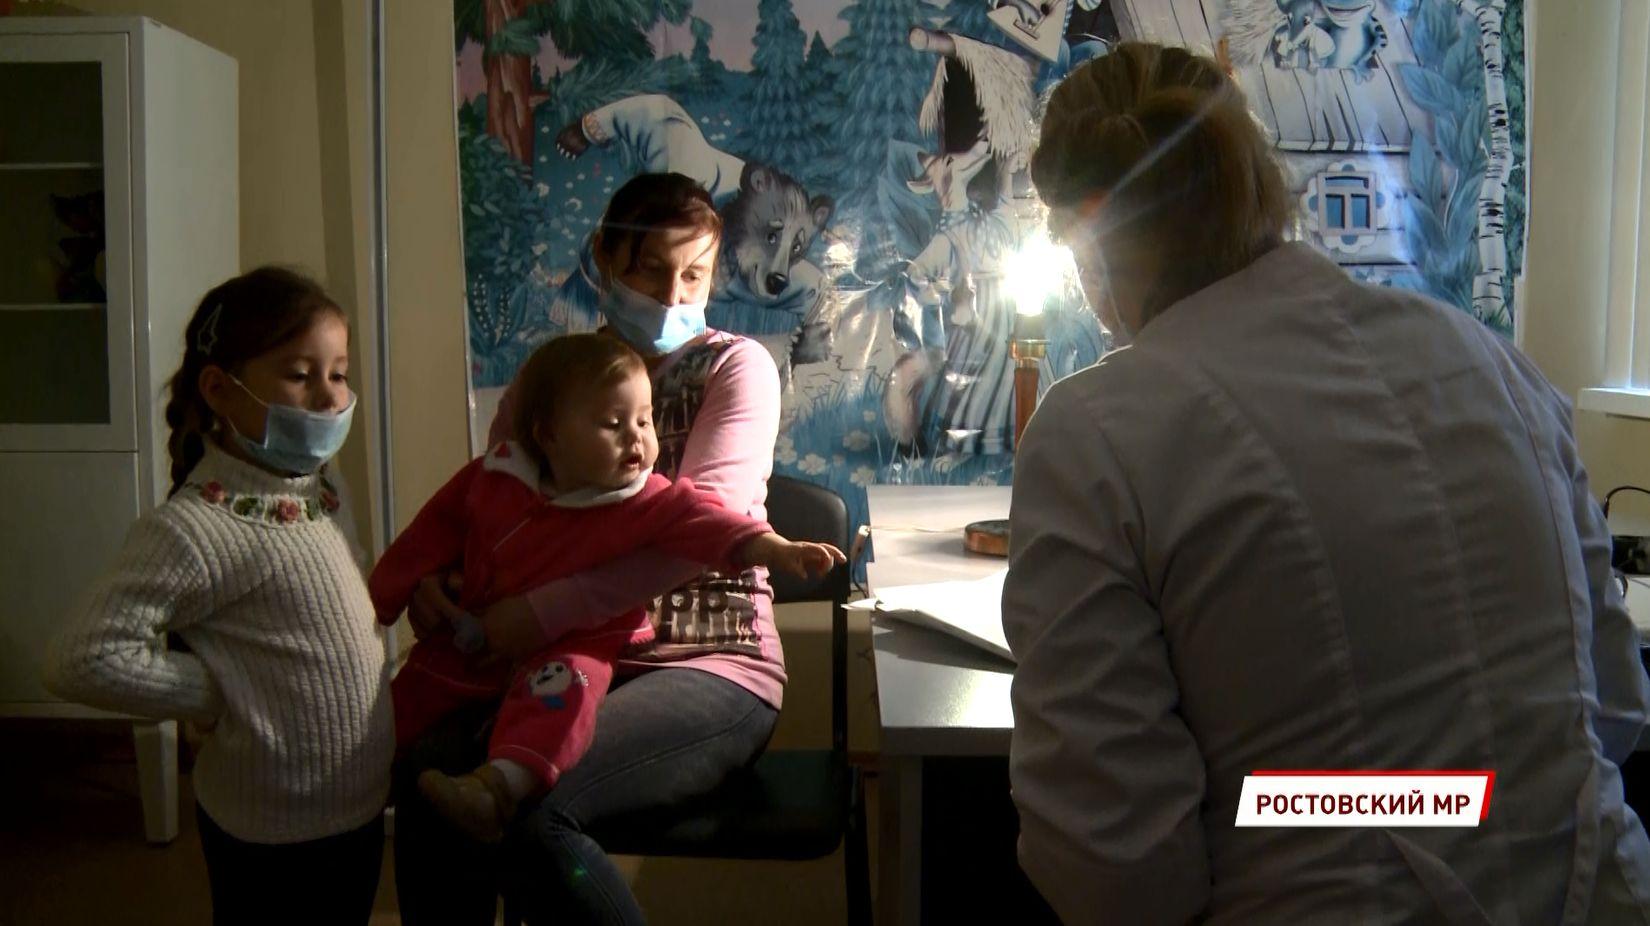 «Мобильная медицина» завершает свой сезон: выездная бригада побывала в селе Угодичи Ярославской области